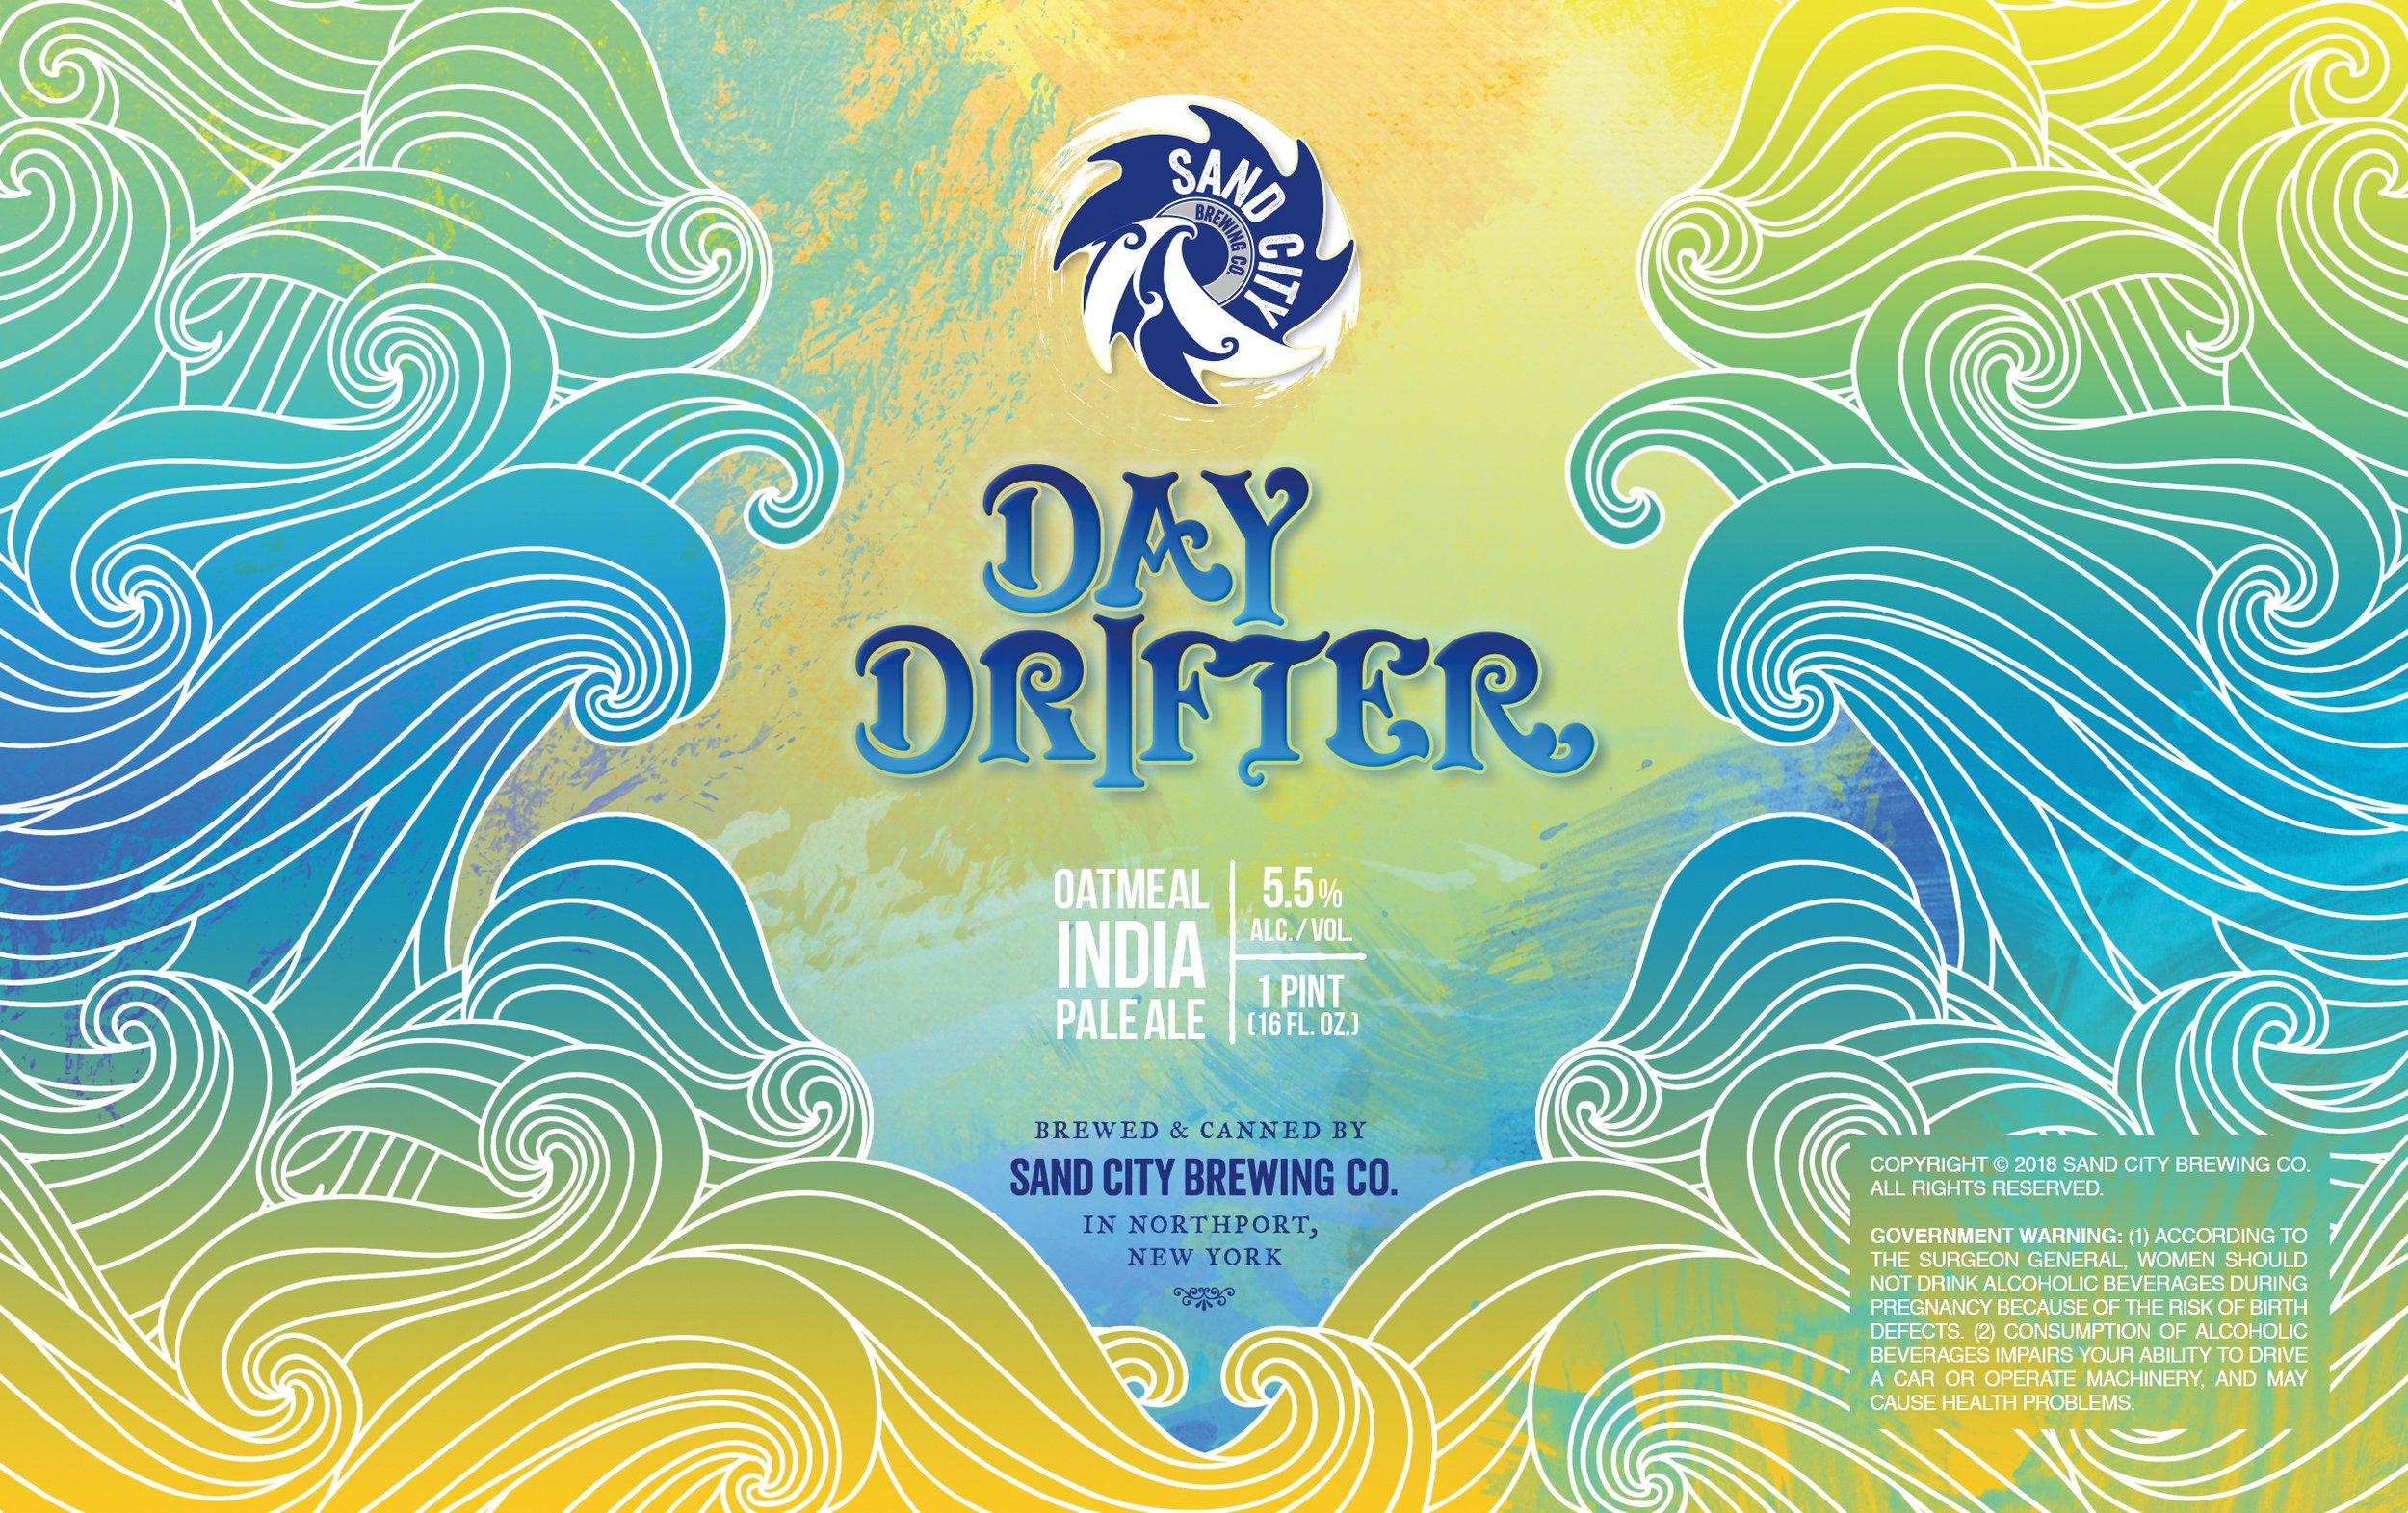 Day Drifter - for website 7-30-2018.JPG